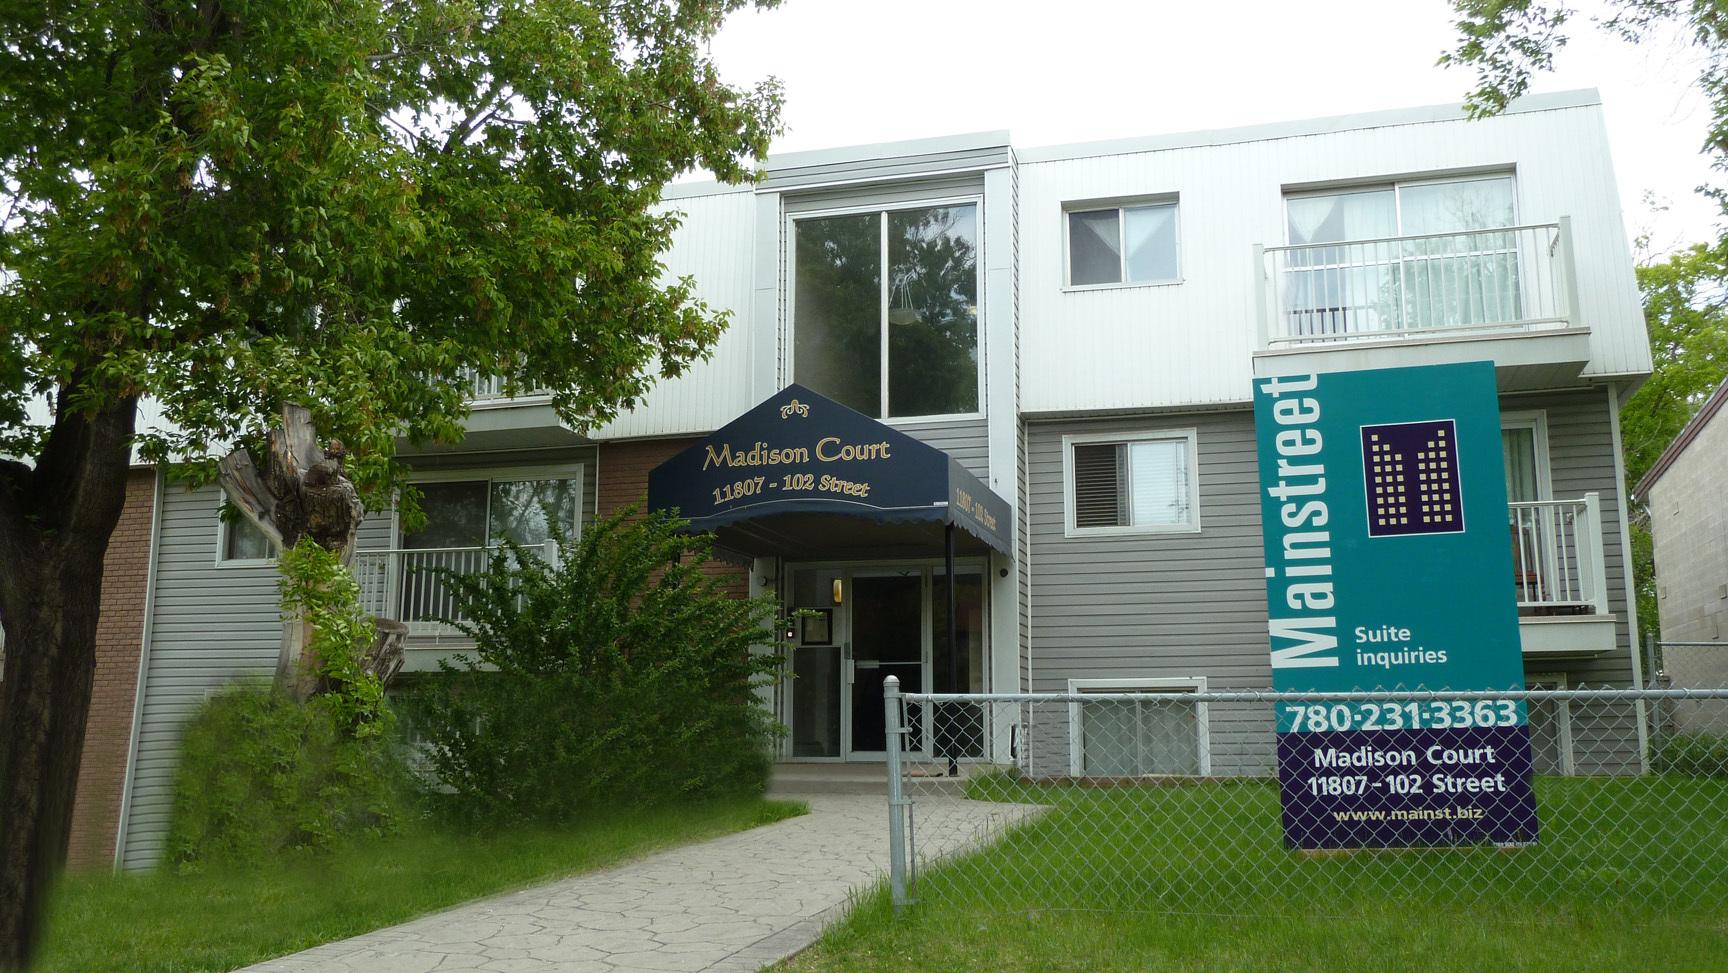 11807 102 Street NW, Edmonton, AB - $850